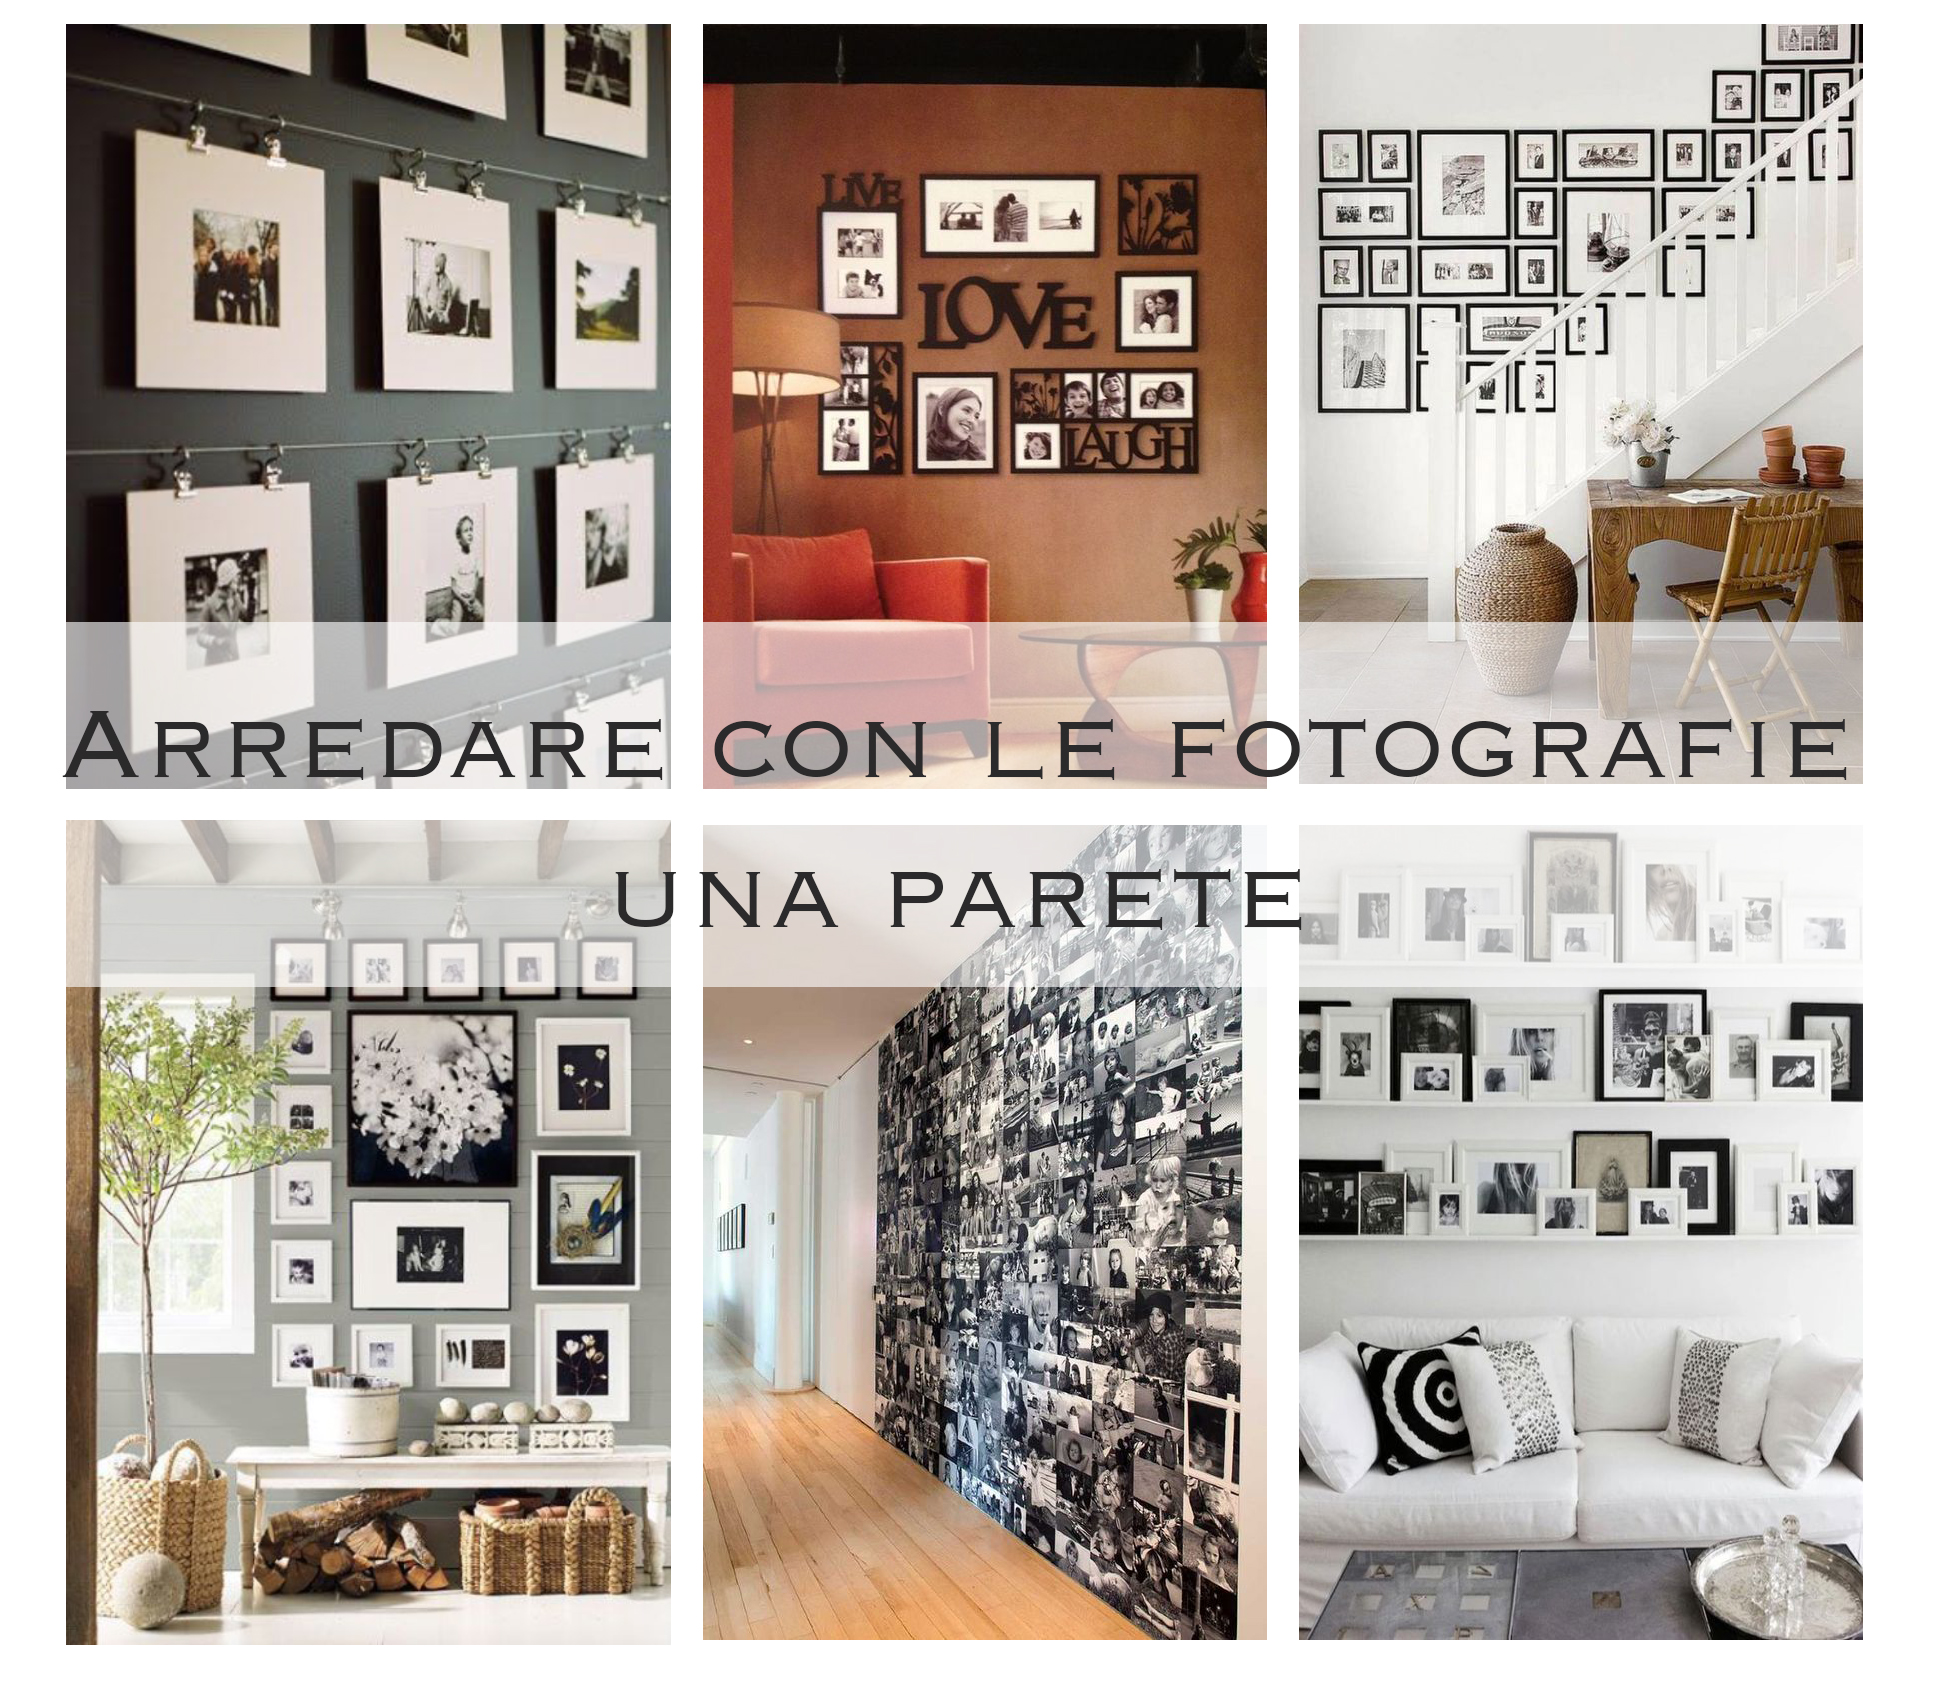 Come arredare con le fotografie una parete bismama for Come arredare una parete attrezzata